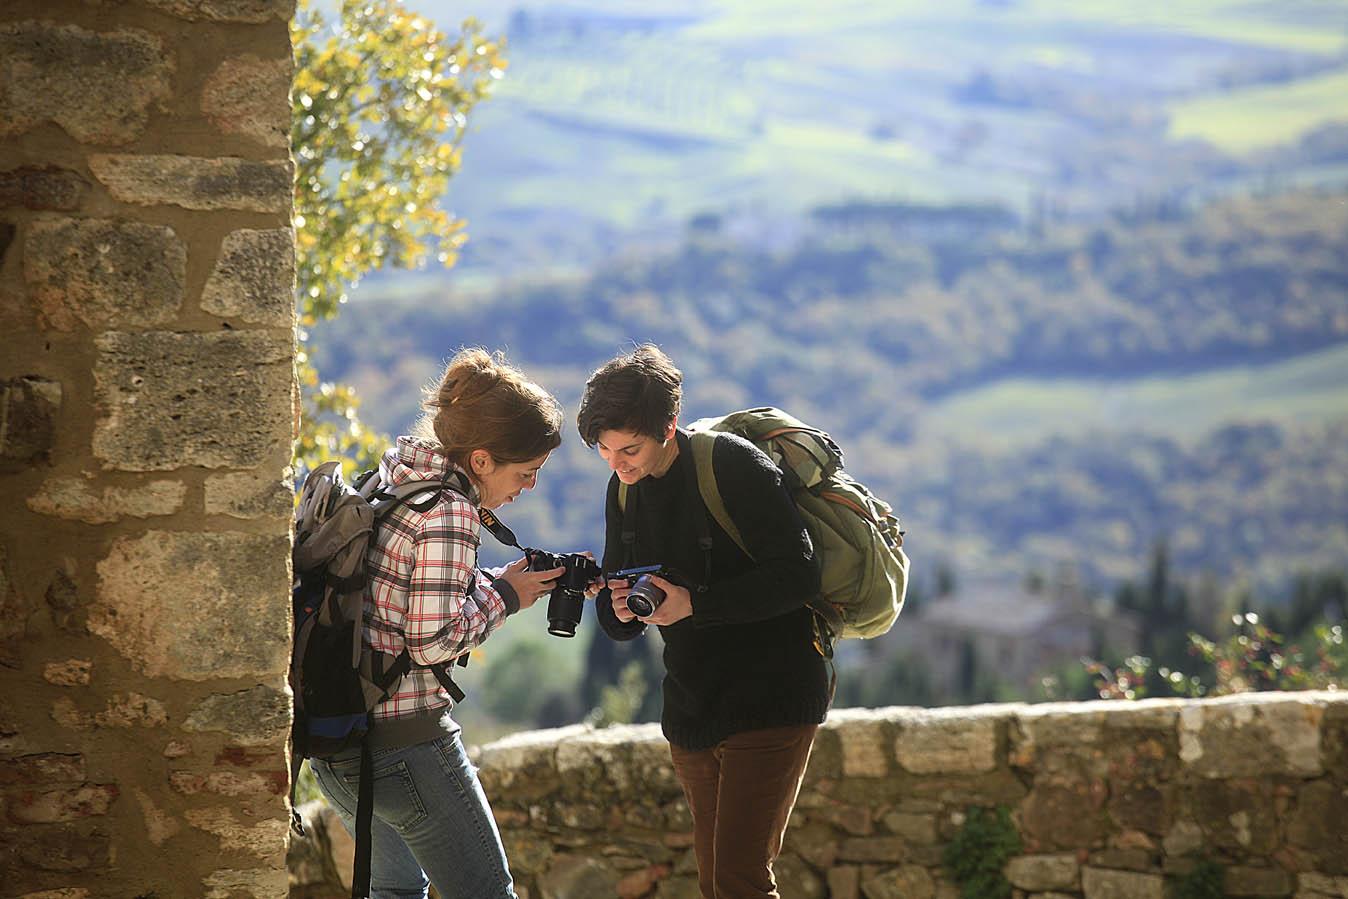 Vignoni Alta, Tuscany, photo by Enrico Caracciolo, all rights reserved